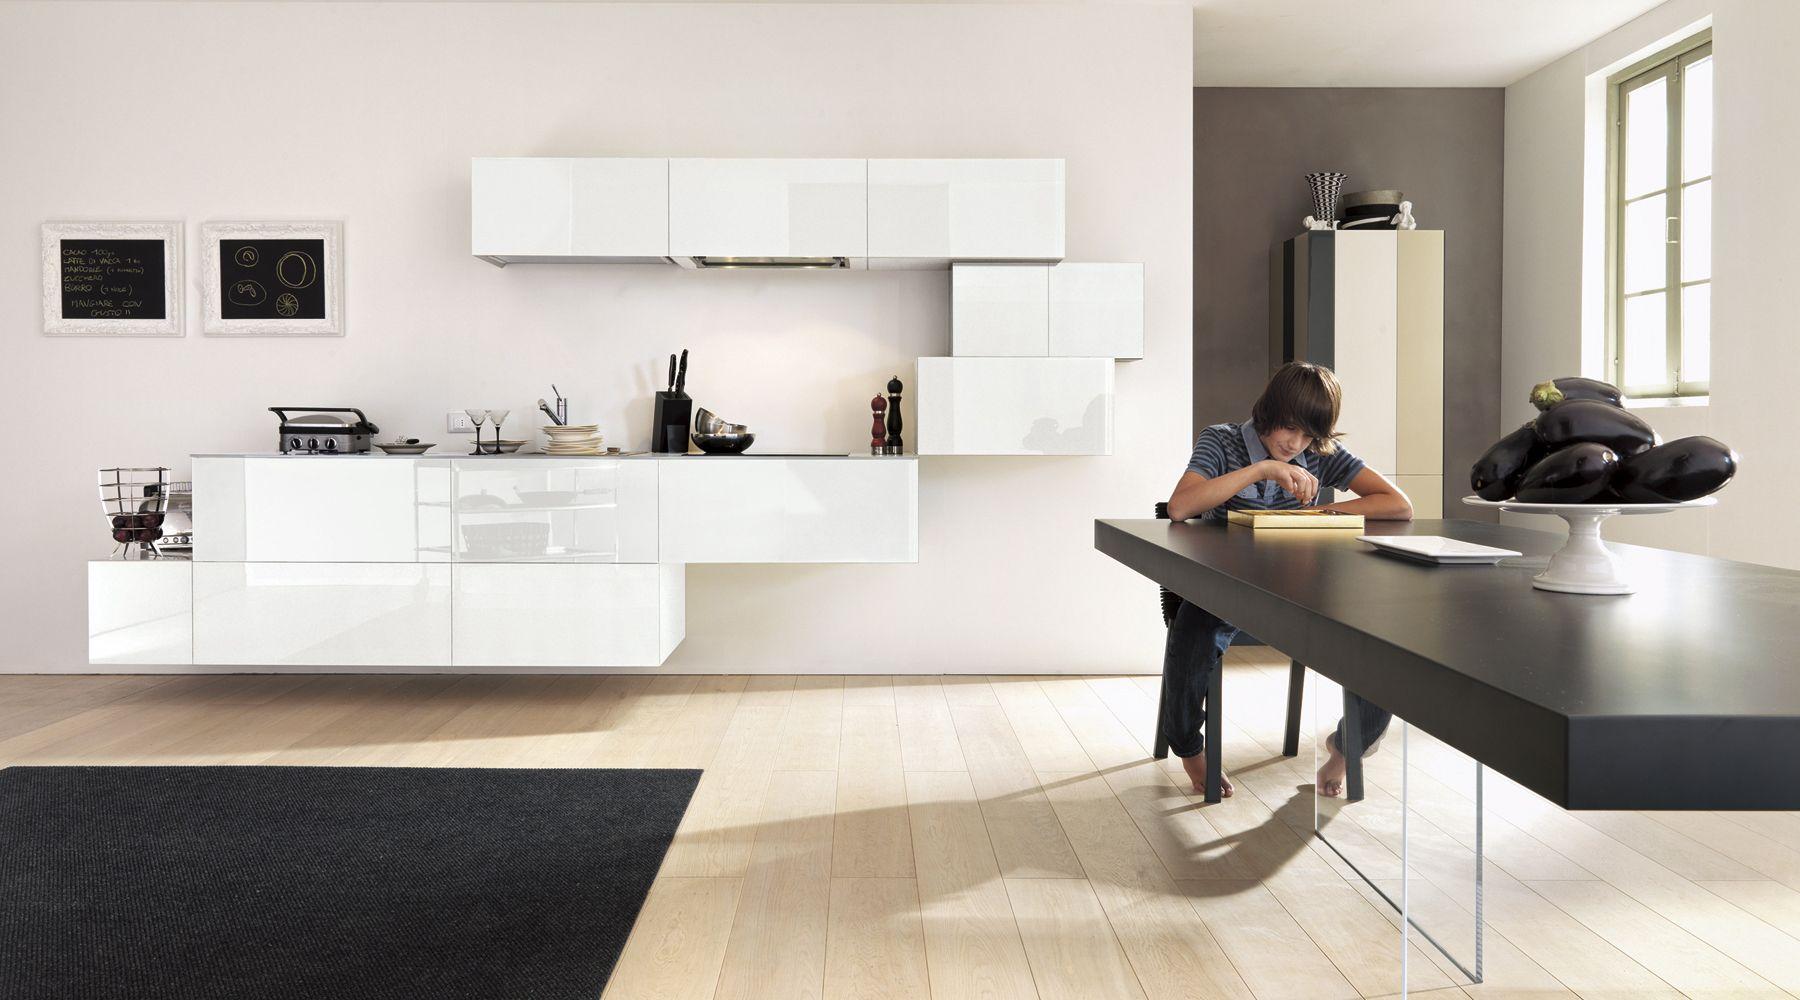 K che 36e8 nel 2019 kitchen arredamento mobili for Interior design italiani